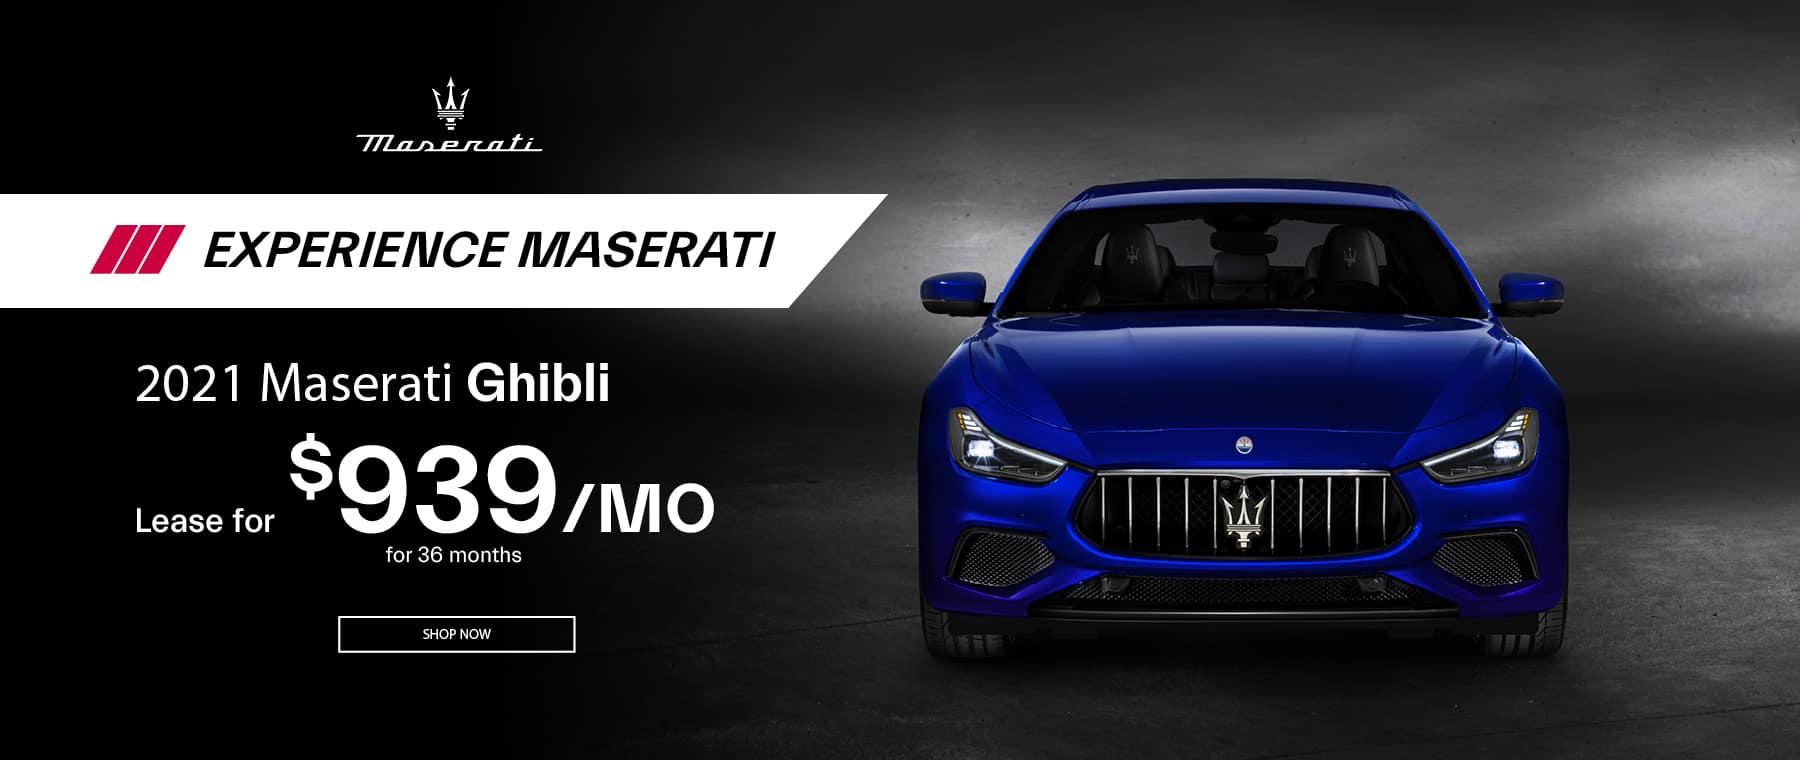 MaseratiCNJ_ExperinceMaserati_WB_July21 Offers_22899 (1)